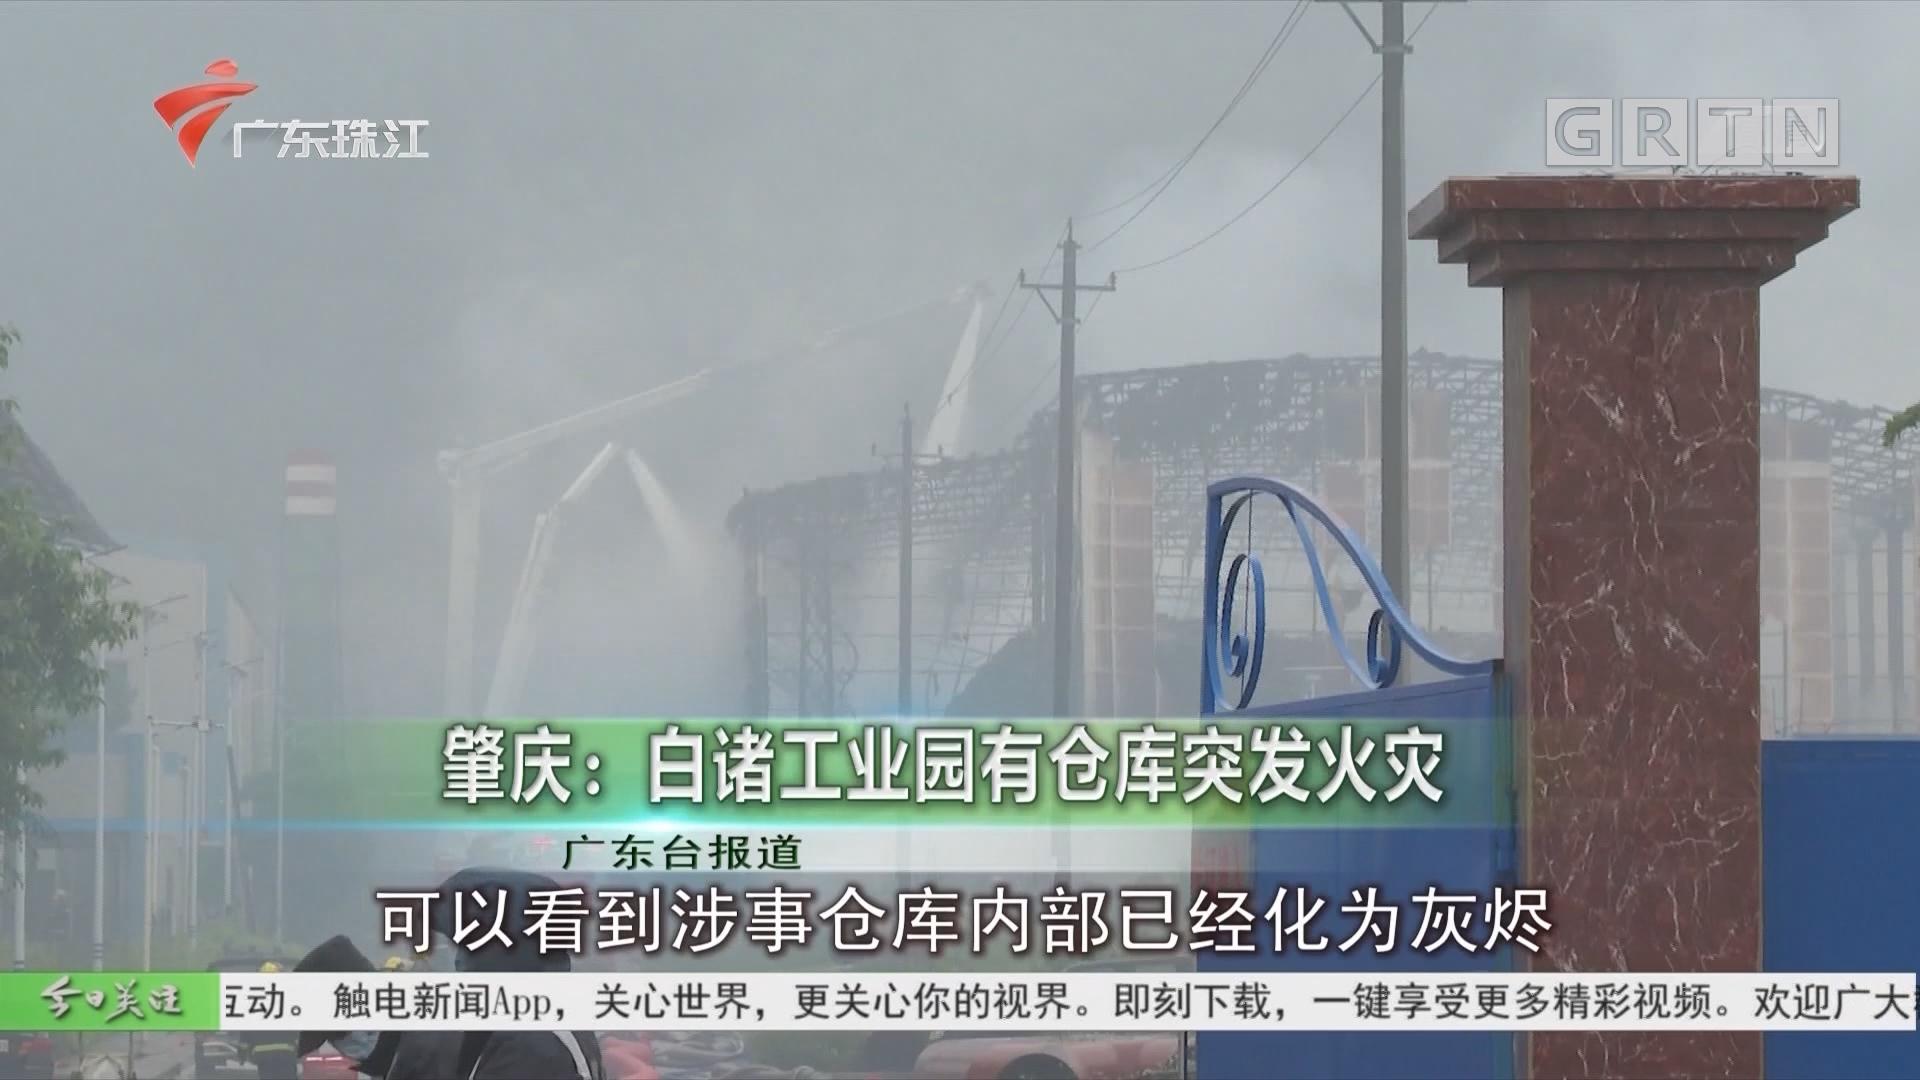 肇庆:白诸工业园有仓库突发火灾